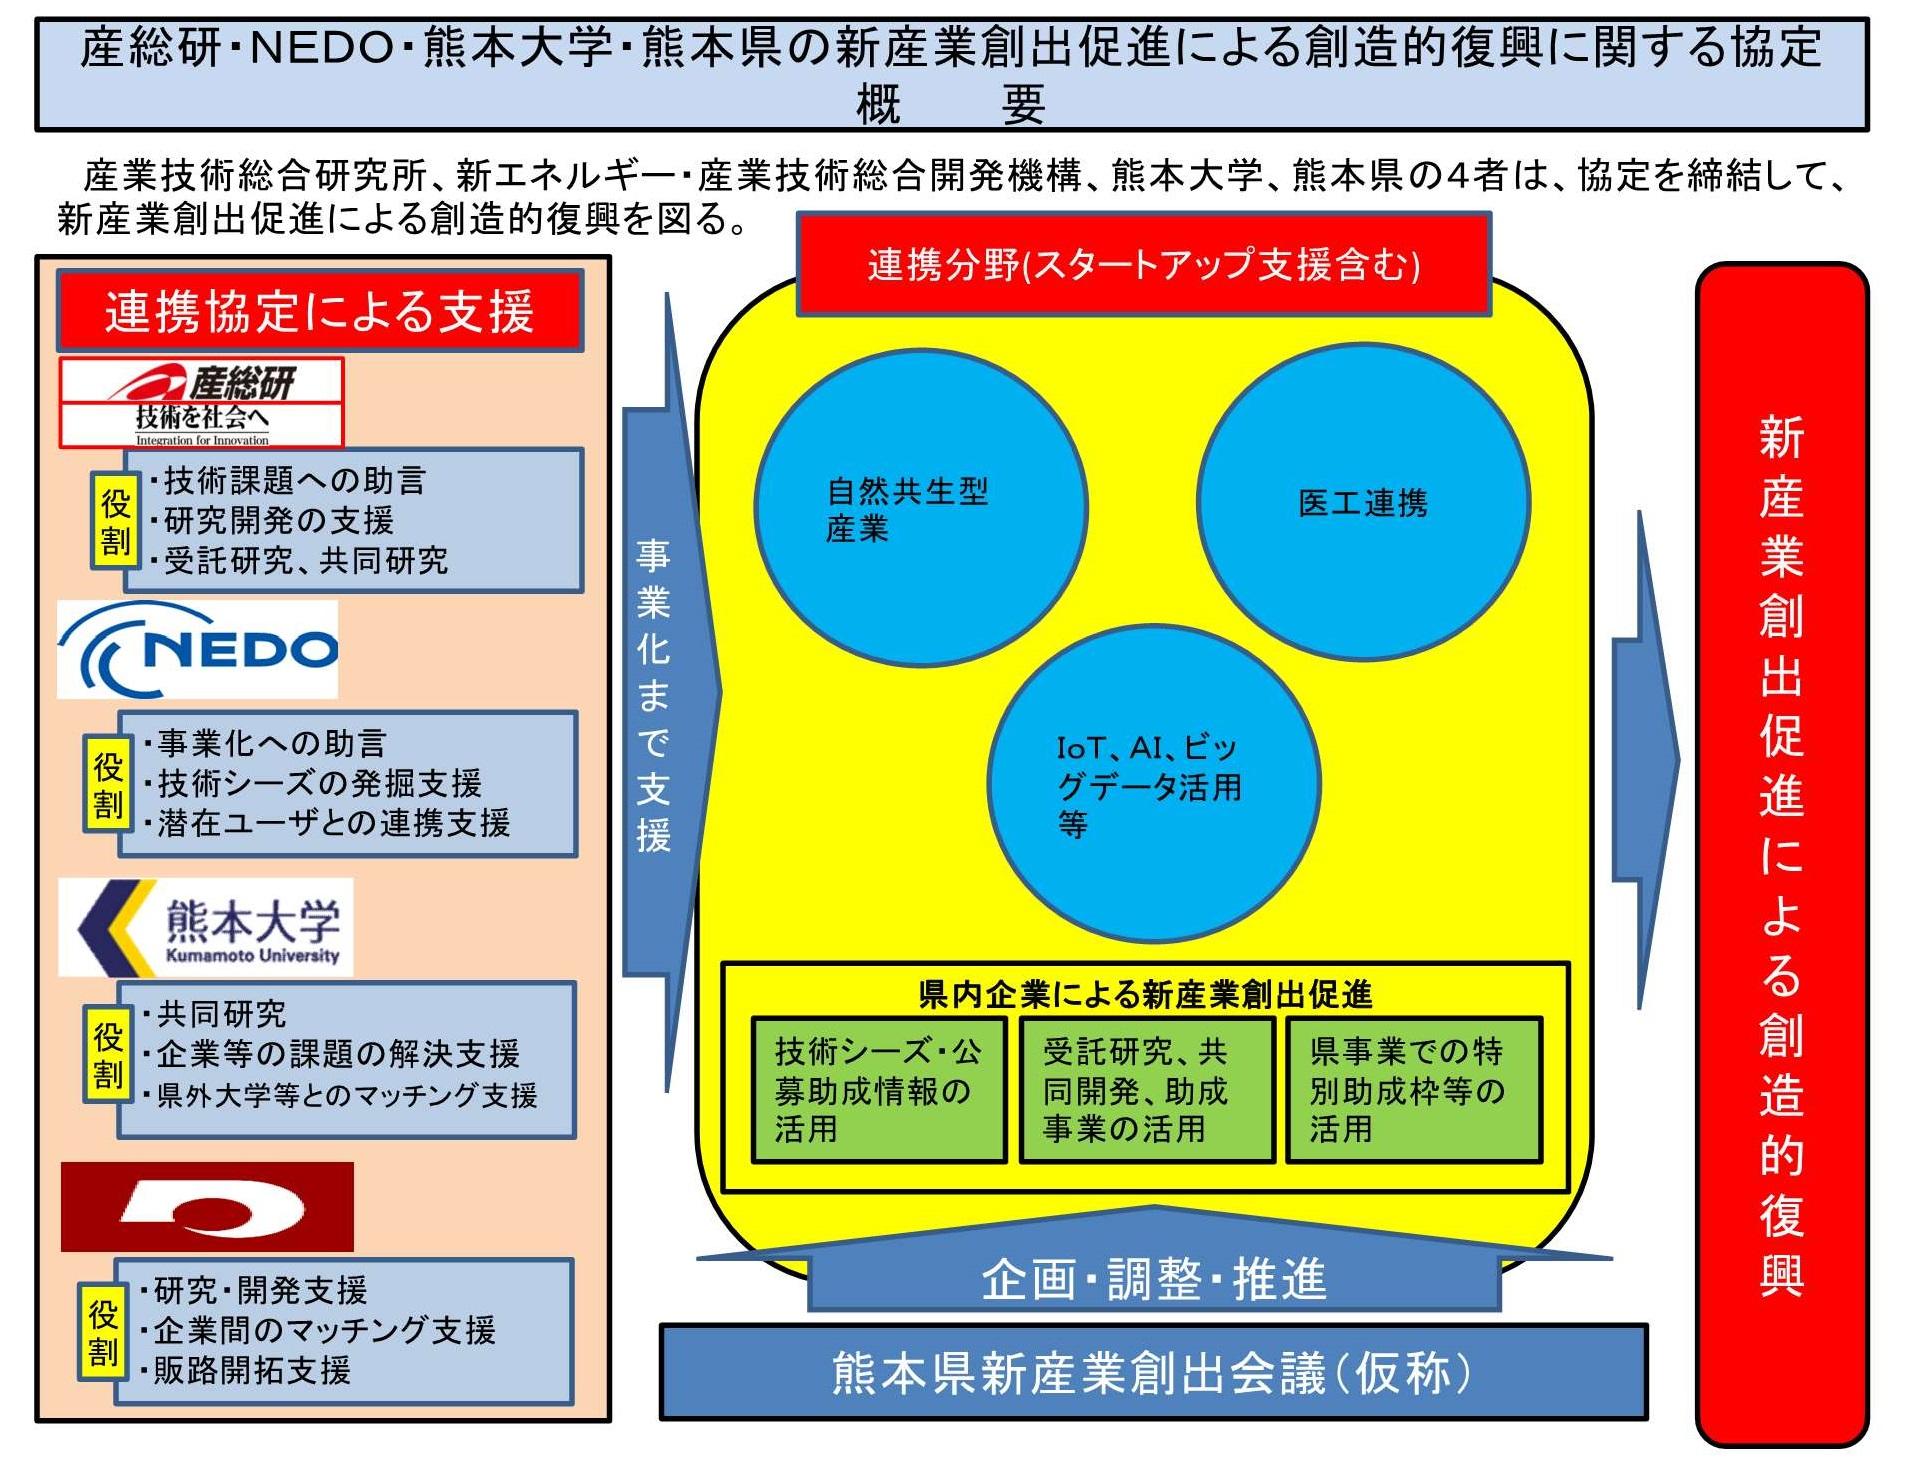 協定に基づく事業推進イメージ(熊本県)